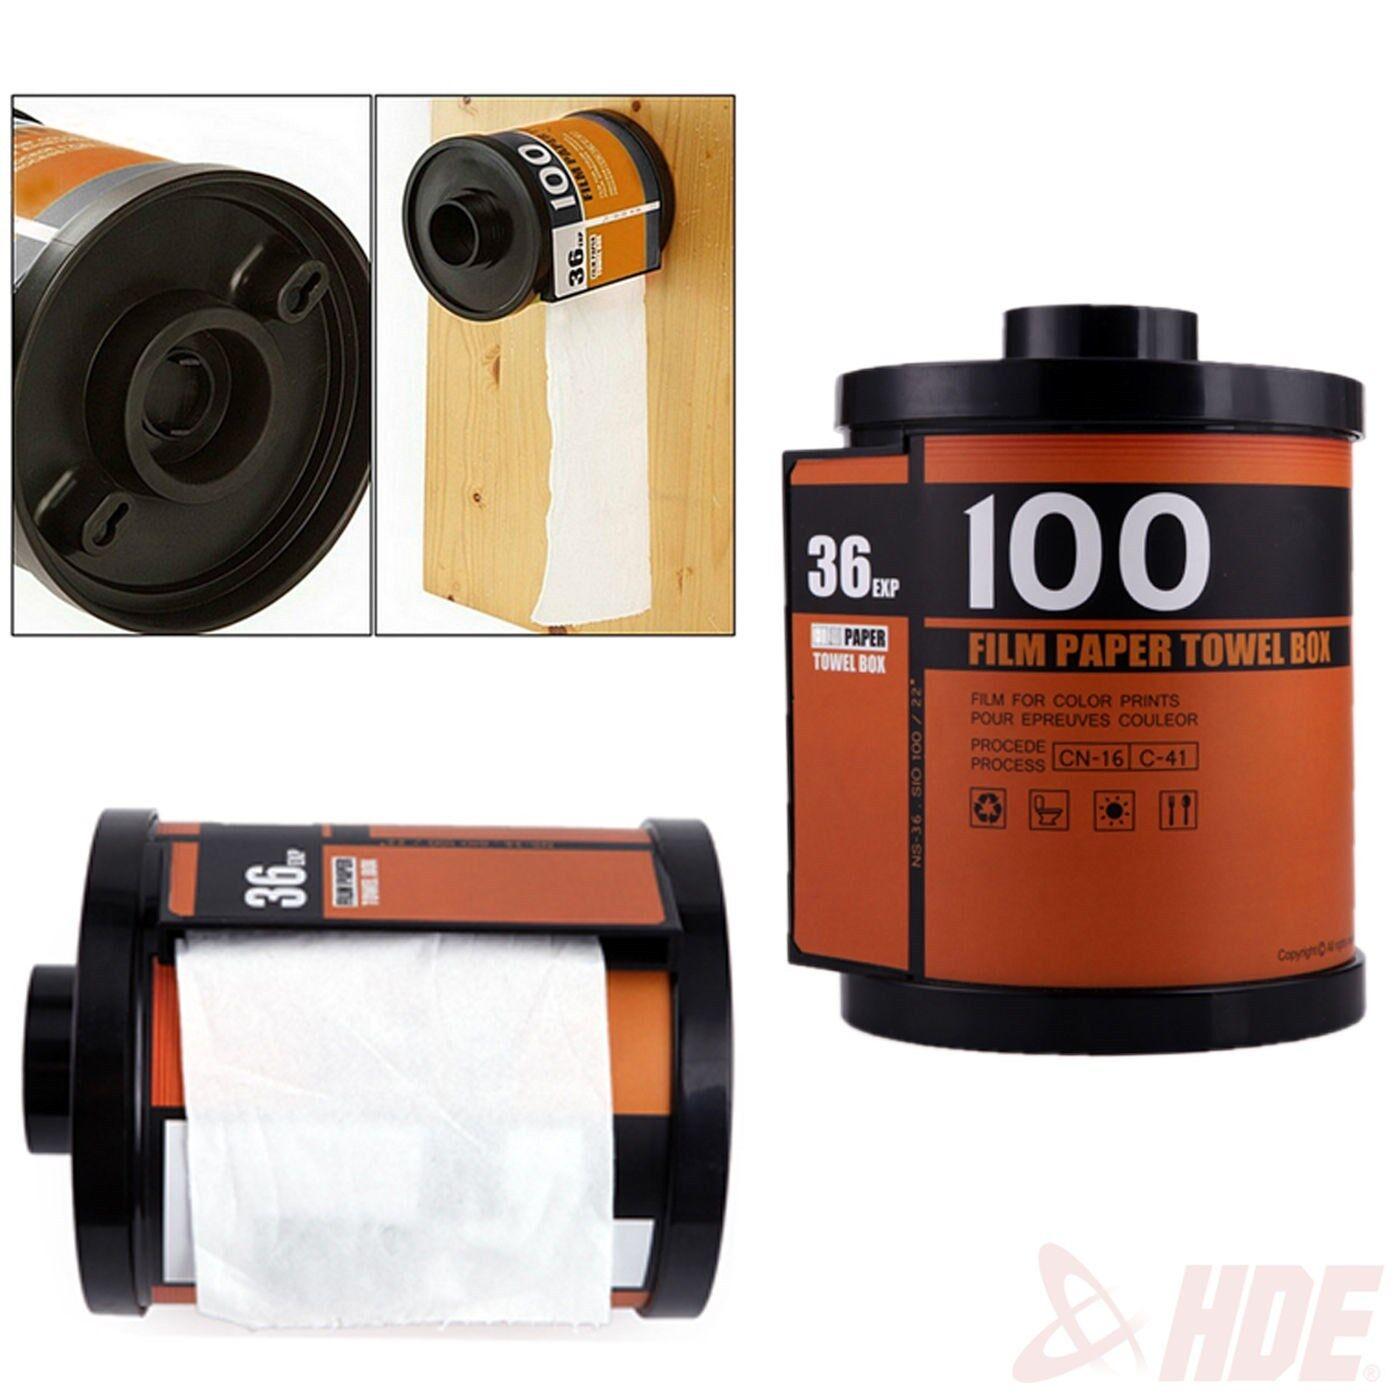 Novelty camera roll toilet paper cover holder film canister tissue dispenser box ebay - Toilet roll canister ...